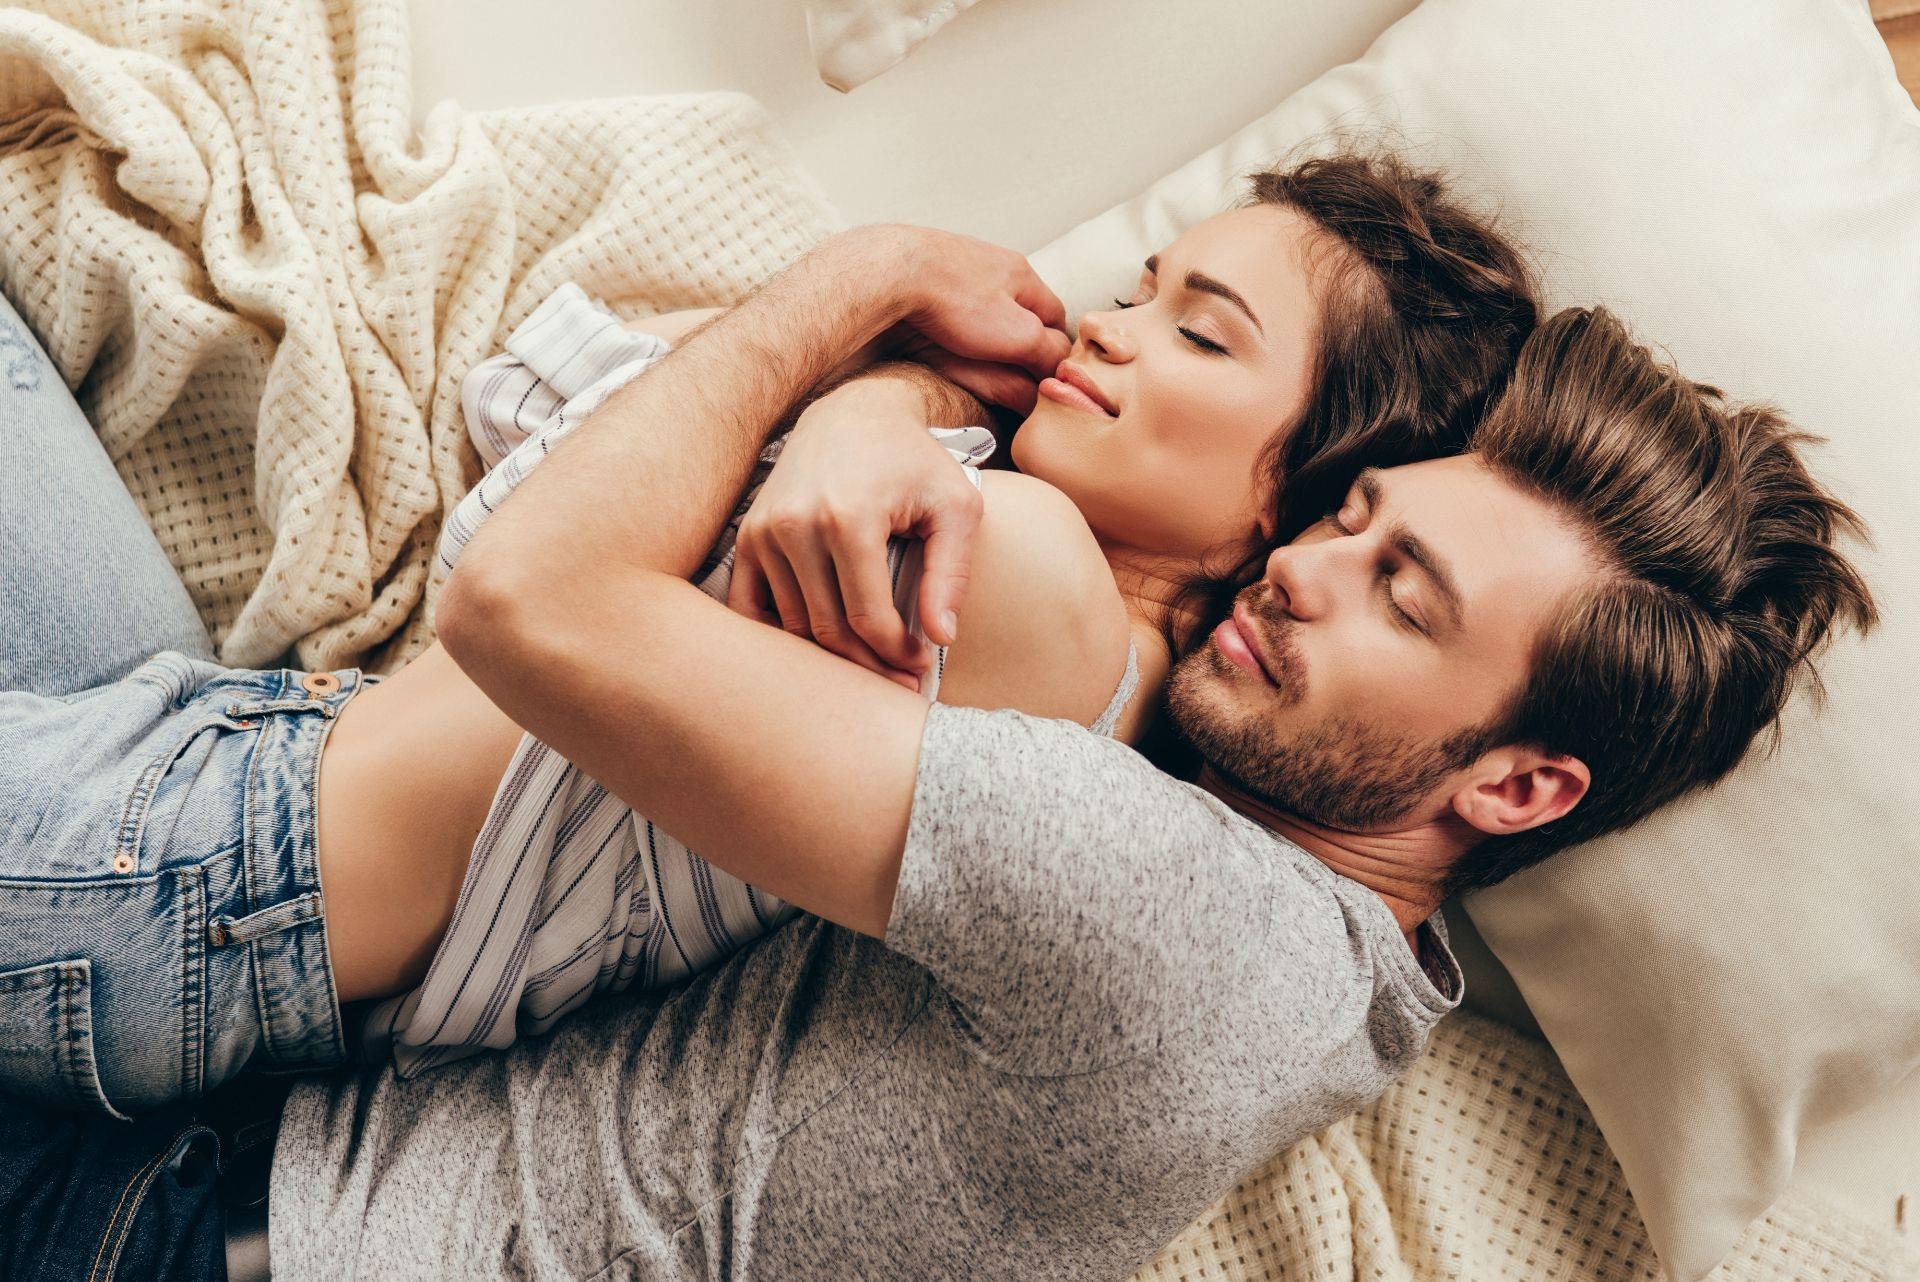 Hôn nhân của người phụ nữ lấy chồng trẻ hơn… 10 tuổi - 4